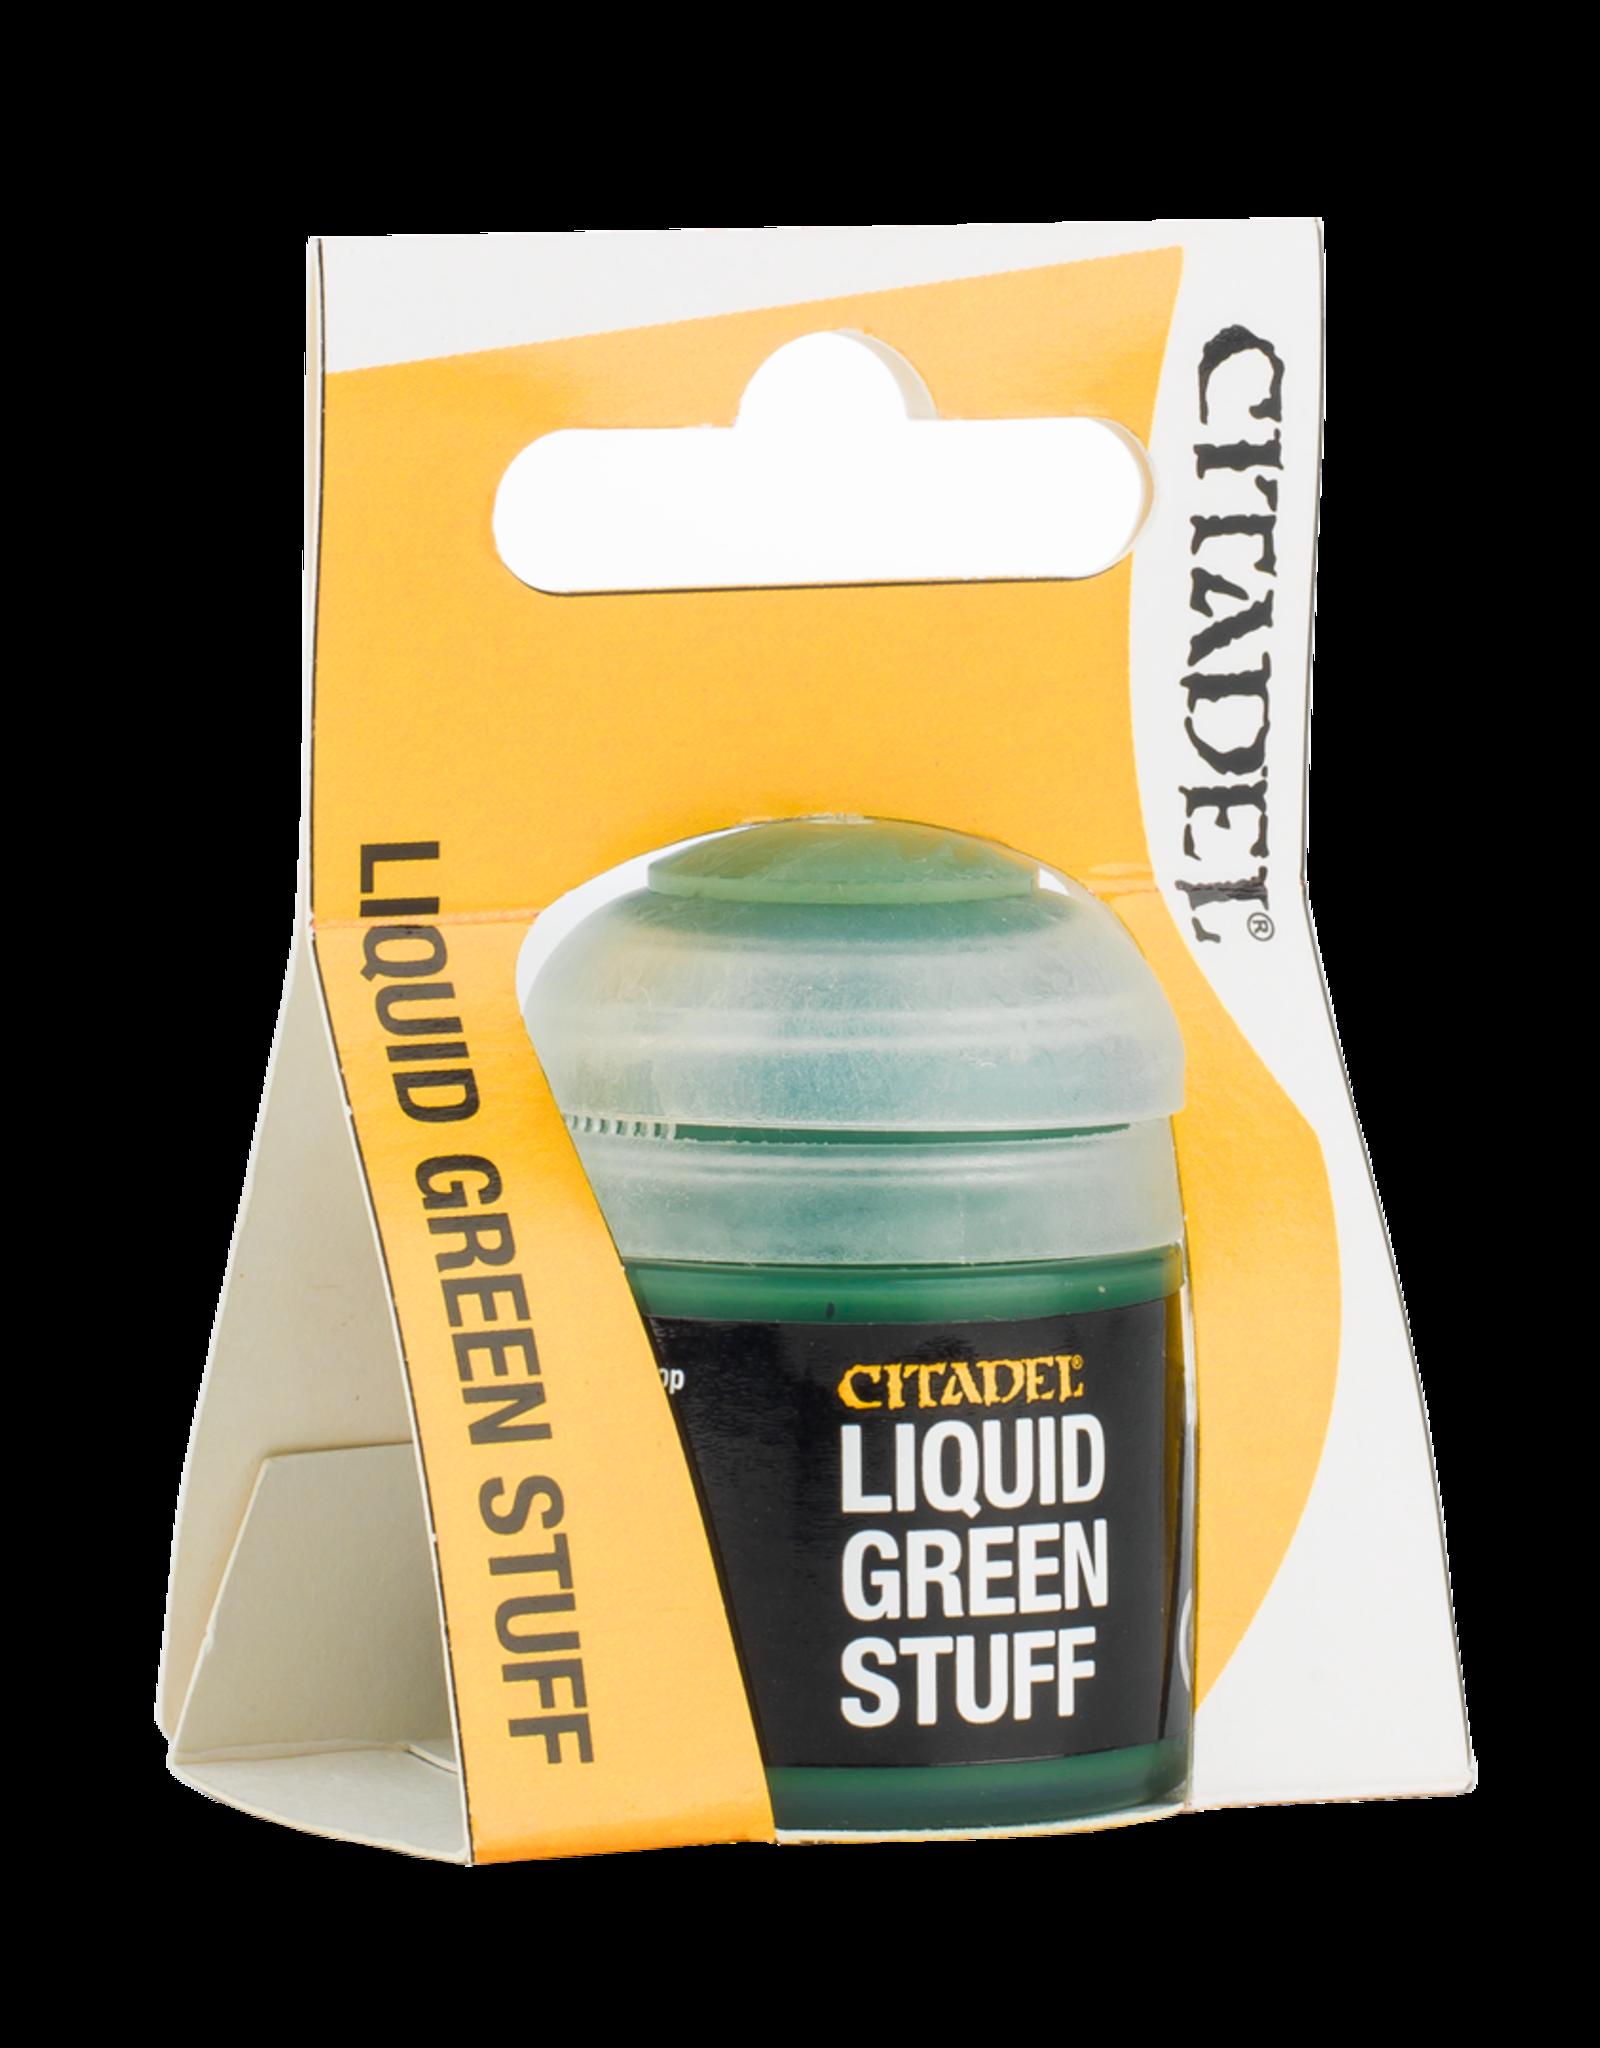 Citadel Citadel: Liquid Green Stuff